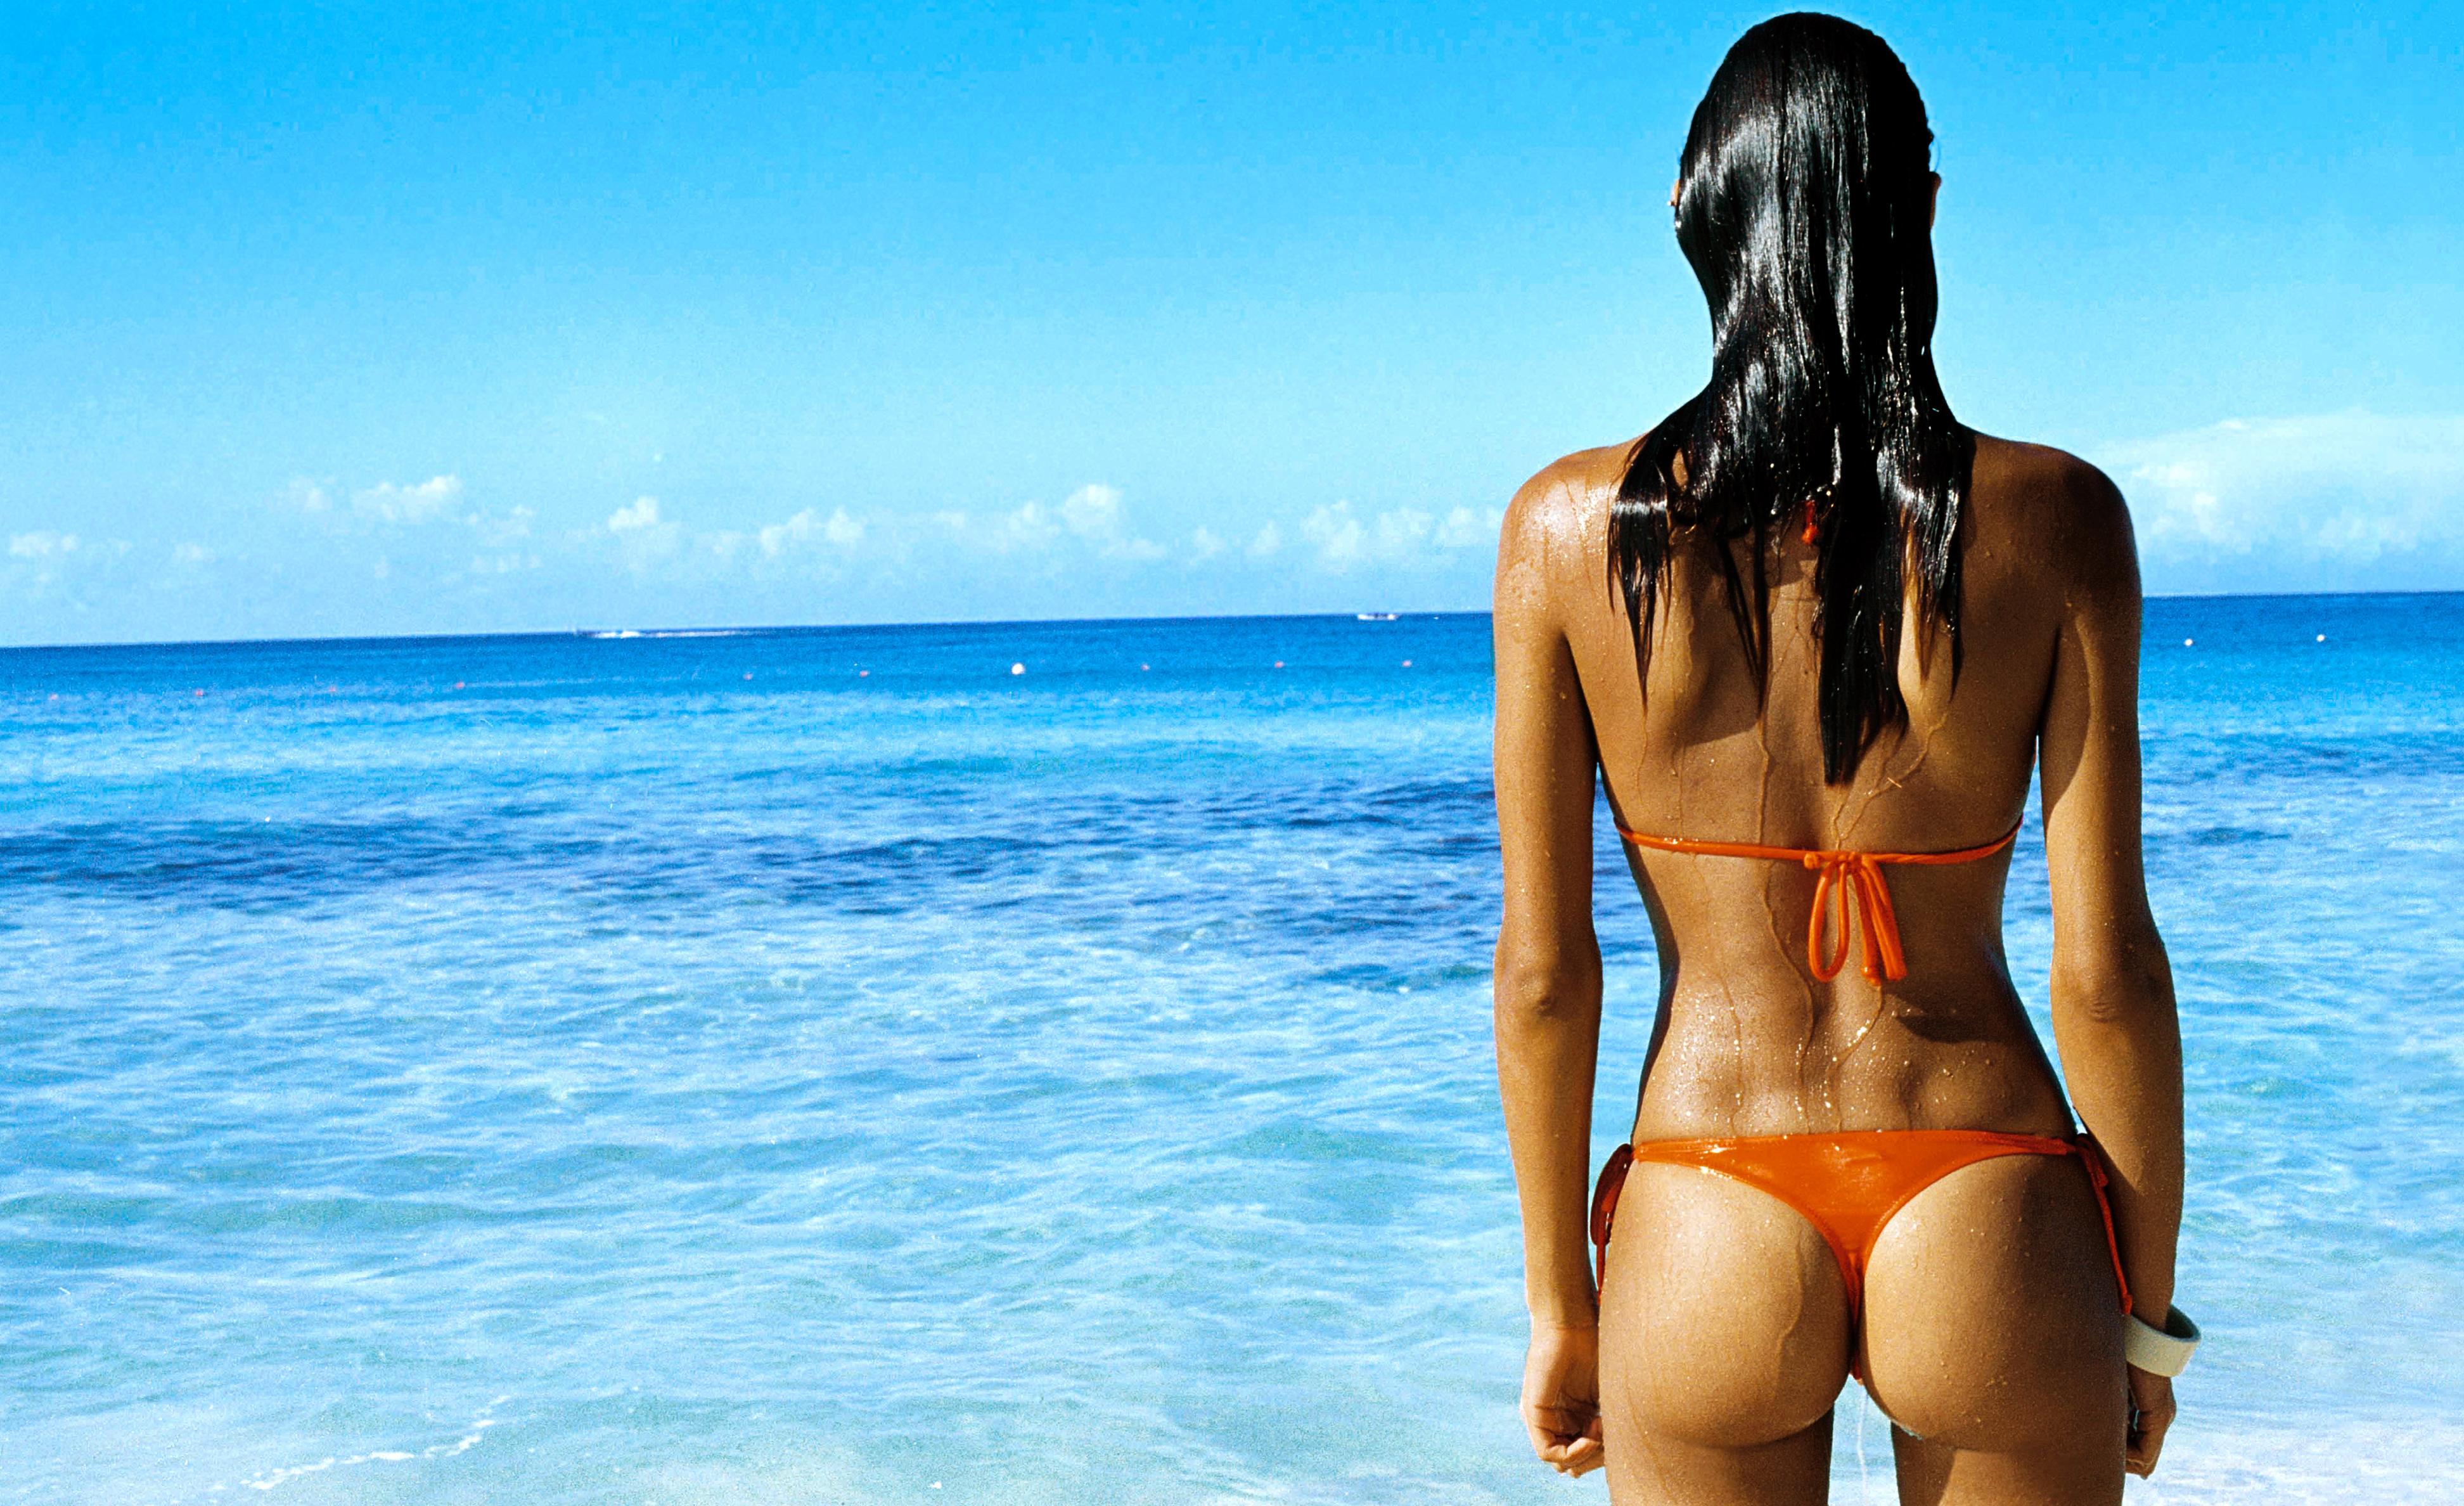 Картинки девушек в бикини со спины, порно видео скоростная секс машина